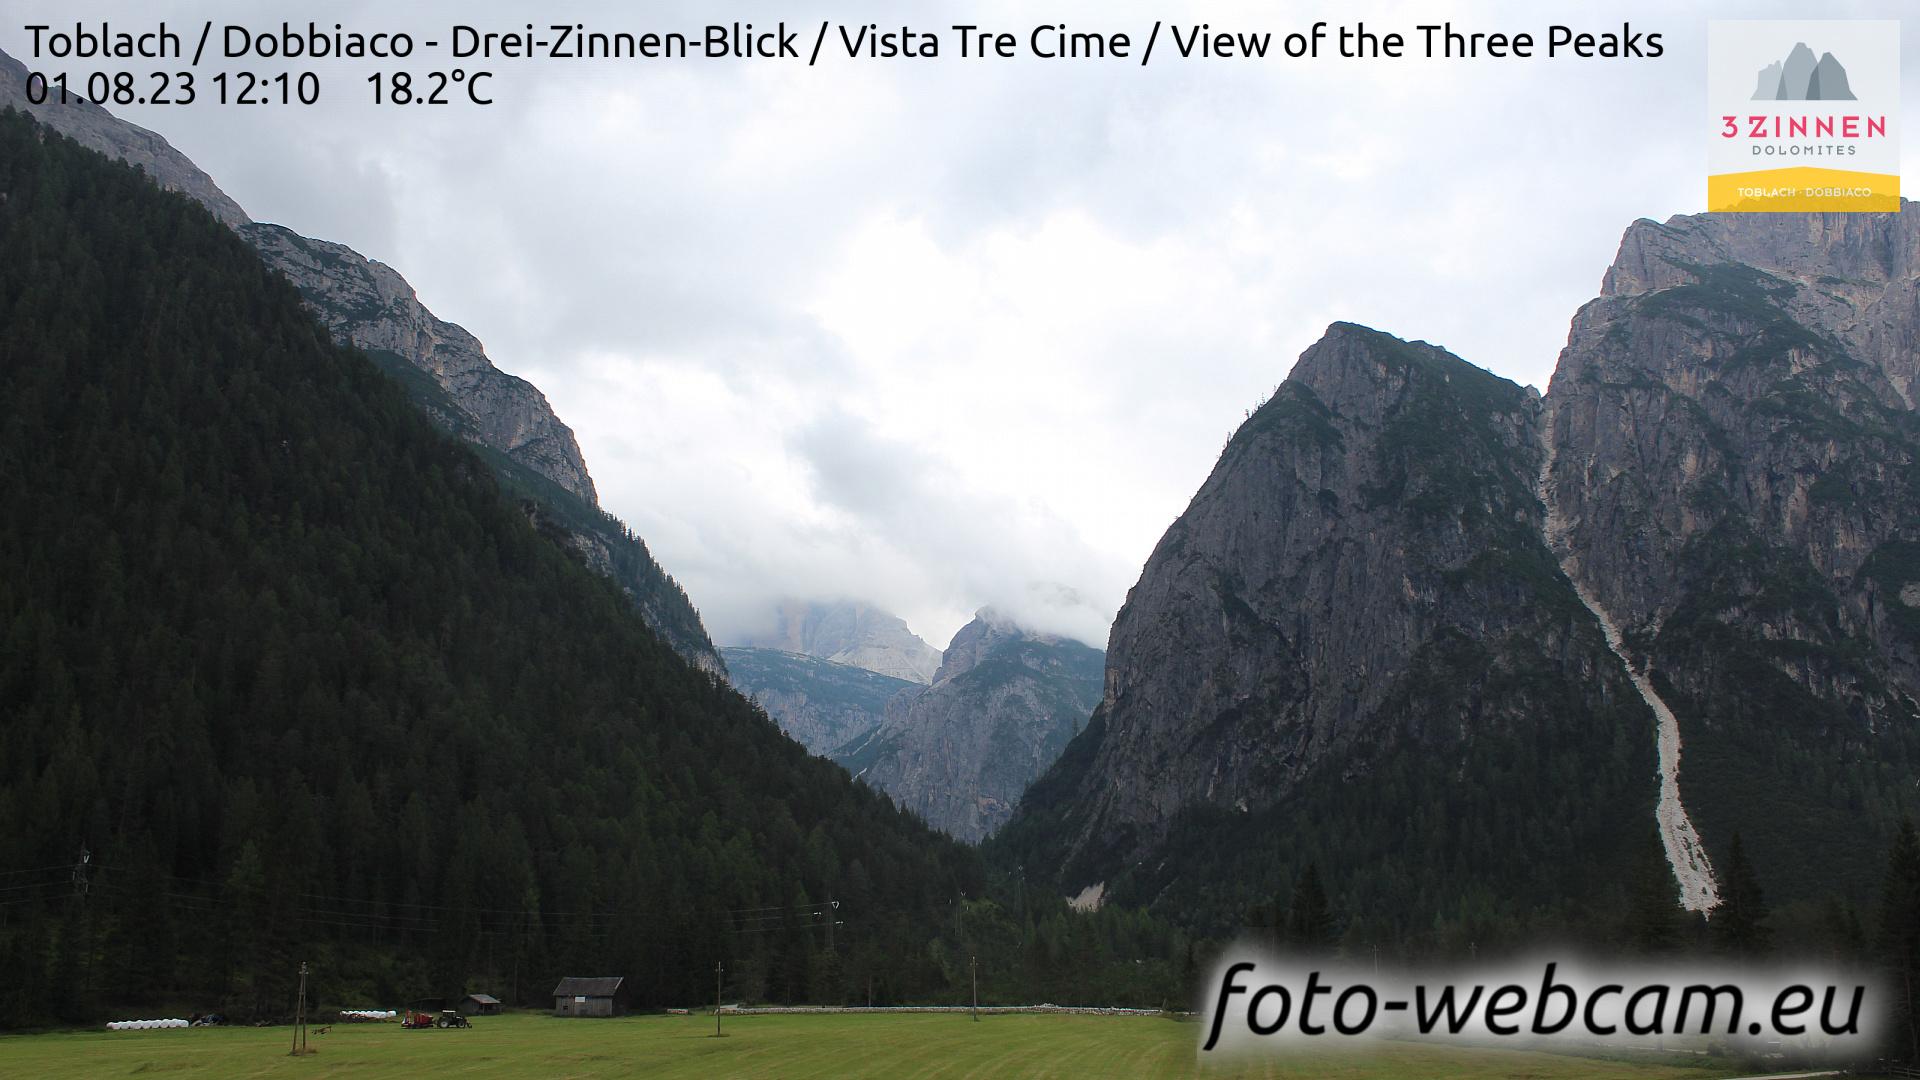 Toblach (Dolomites) Mon. 12:27